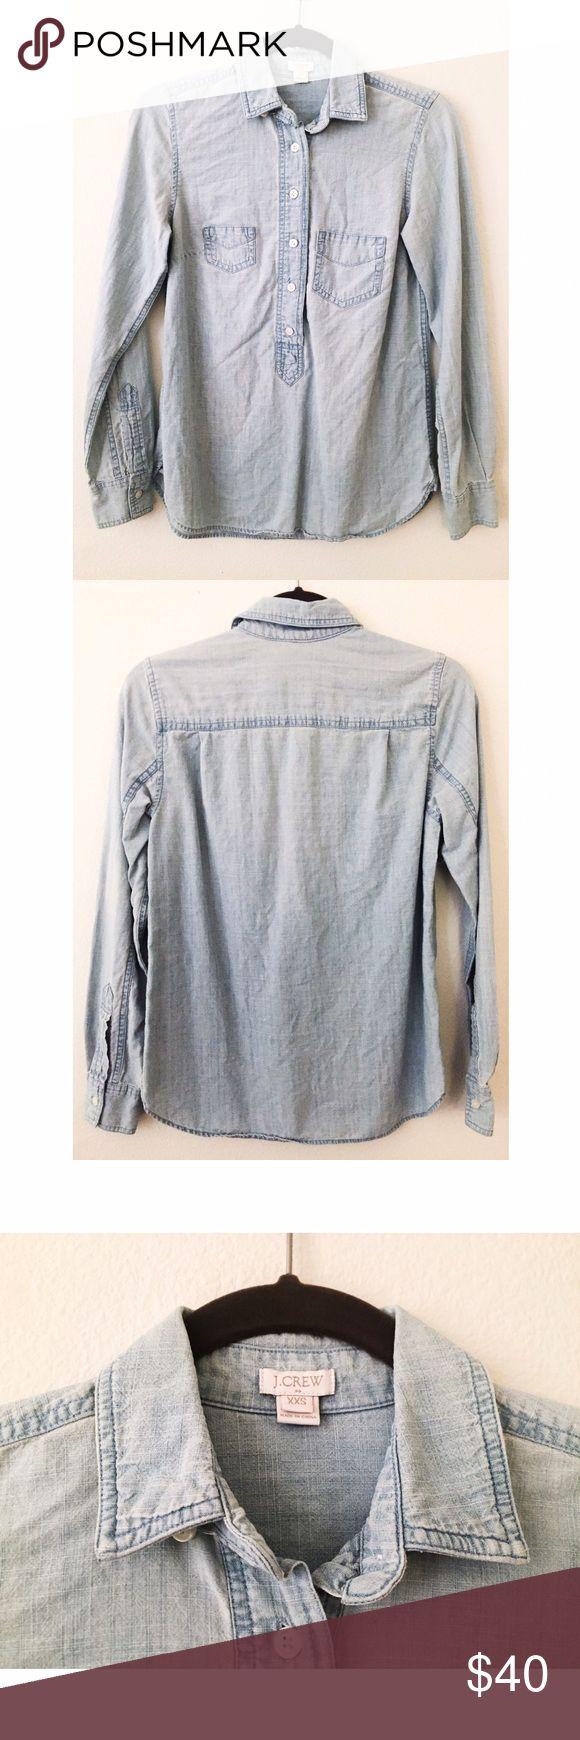 J Crew jean button down blouse J Crew button down jean blouse size XXS J Crew Tops Button Down Shirts